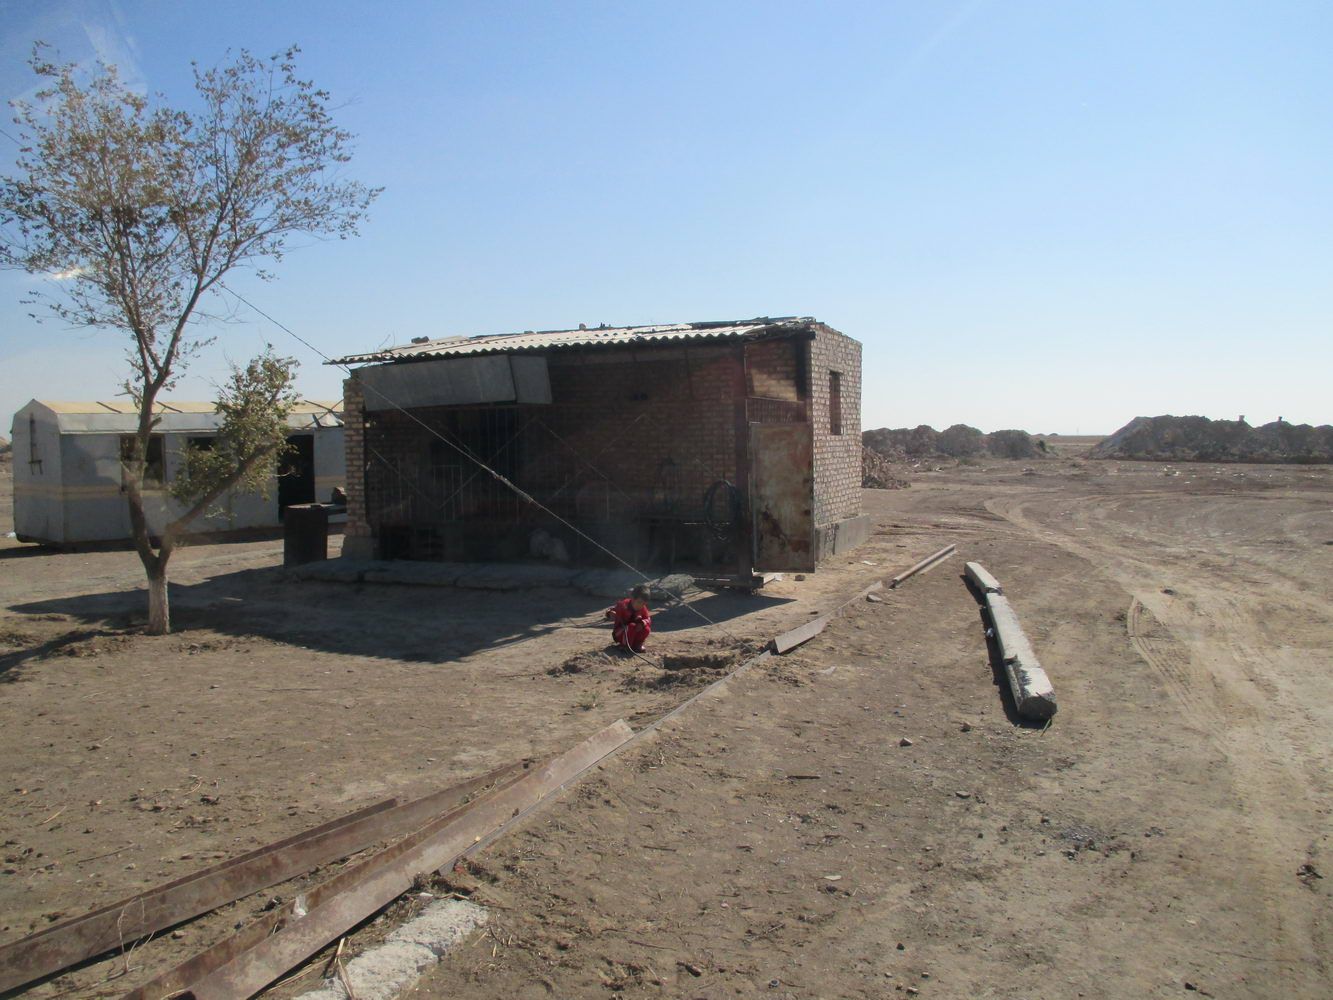 заправка посреди пустыни кызылкум. путь из узбекистана в казахстан автостопом